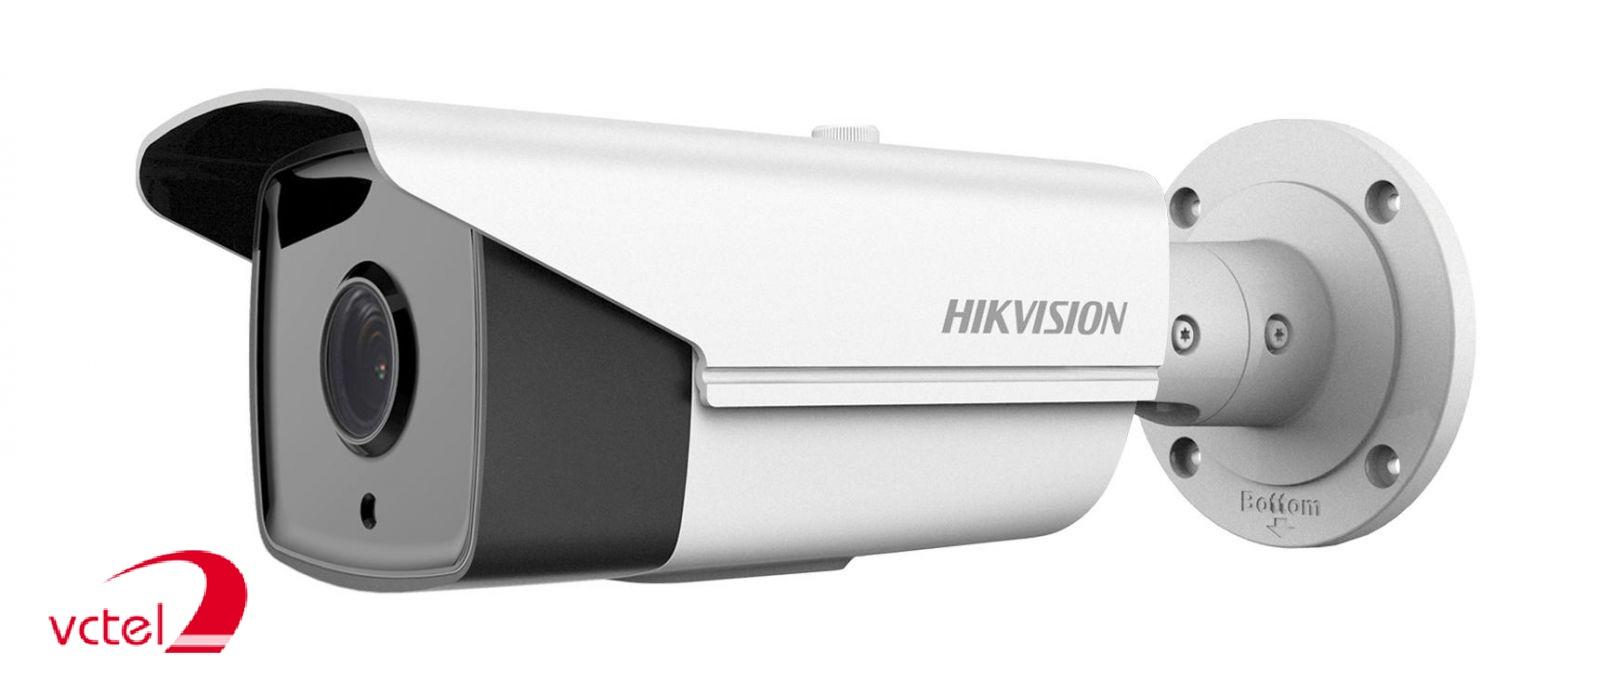 Camera IP Hikvision DS-2CD2T85FWD-I8 tính năng vượt trội vctel